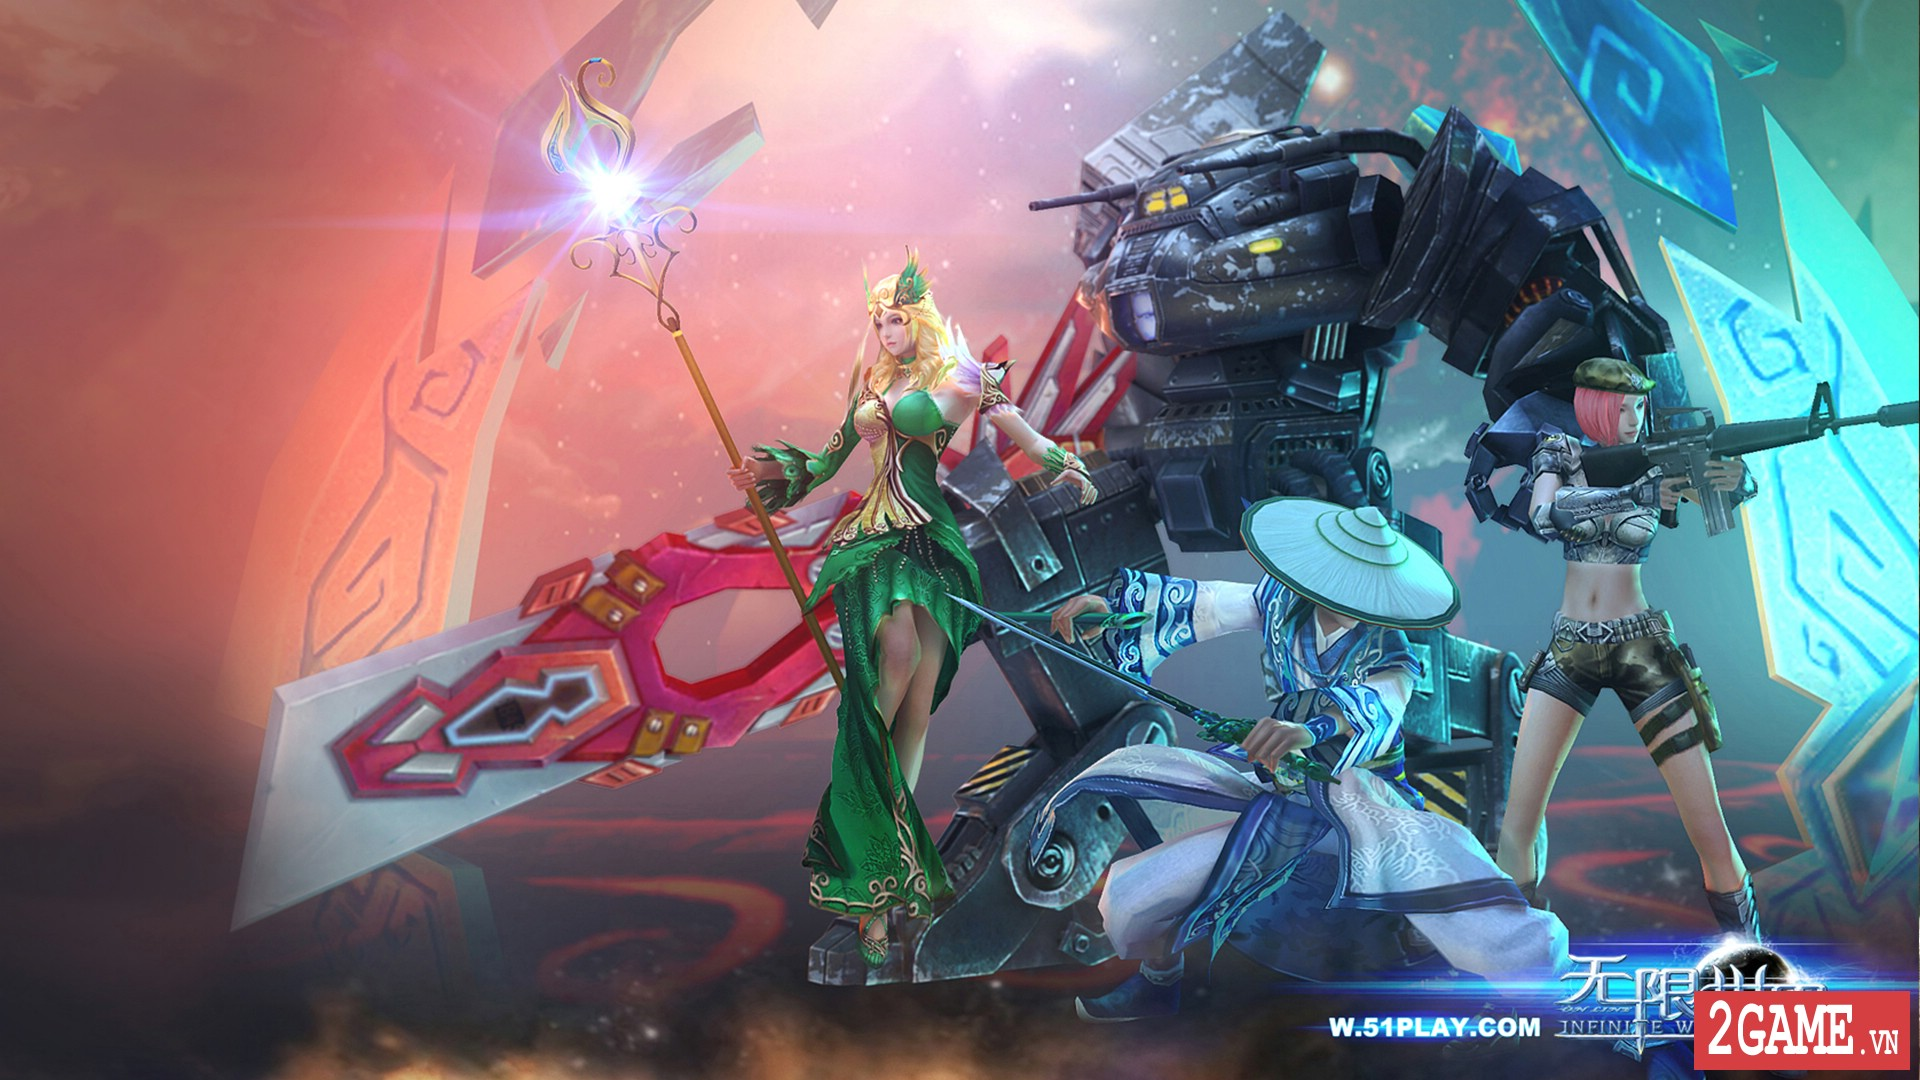 Infinite Worlds – Siêu phẩm game nhập vai với bối cảnh mới lạ chưa từng thấy 2